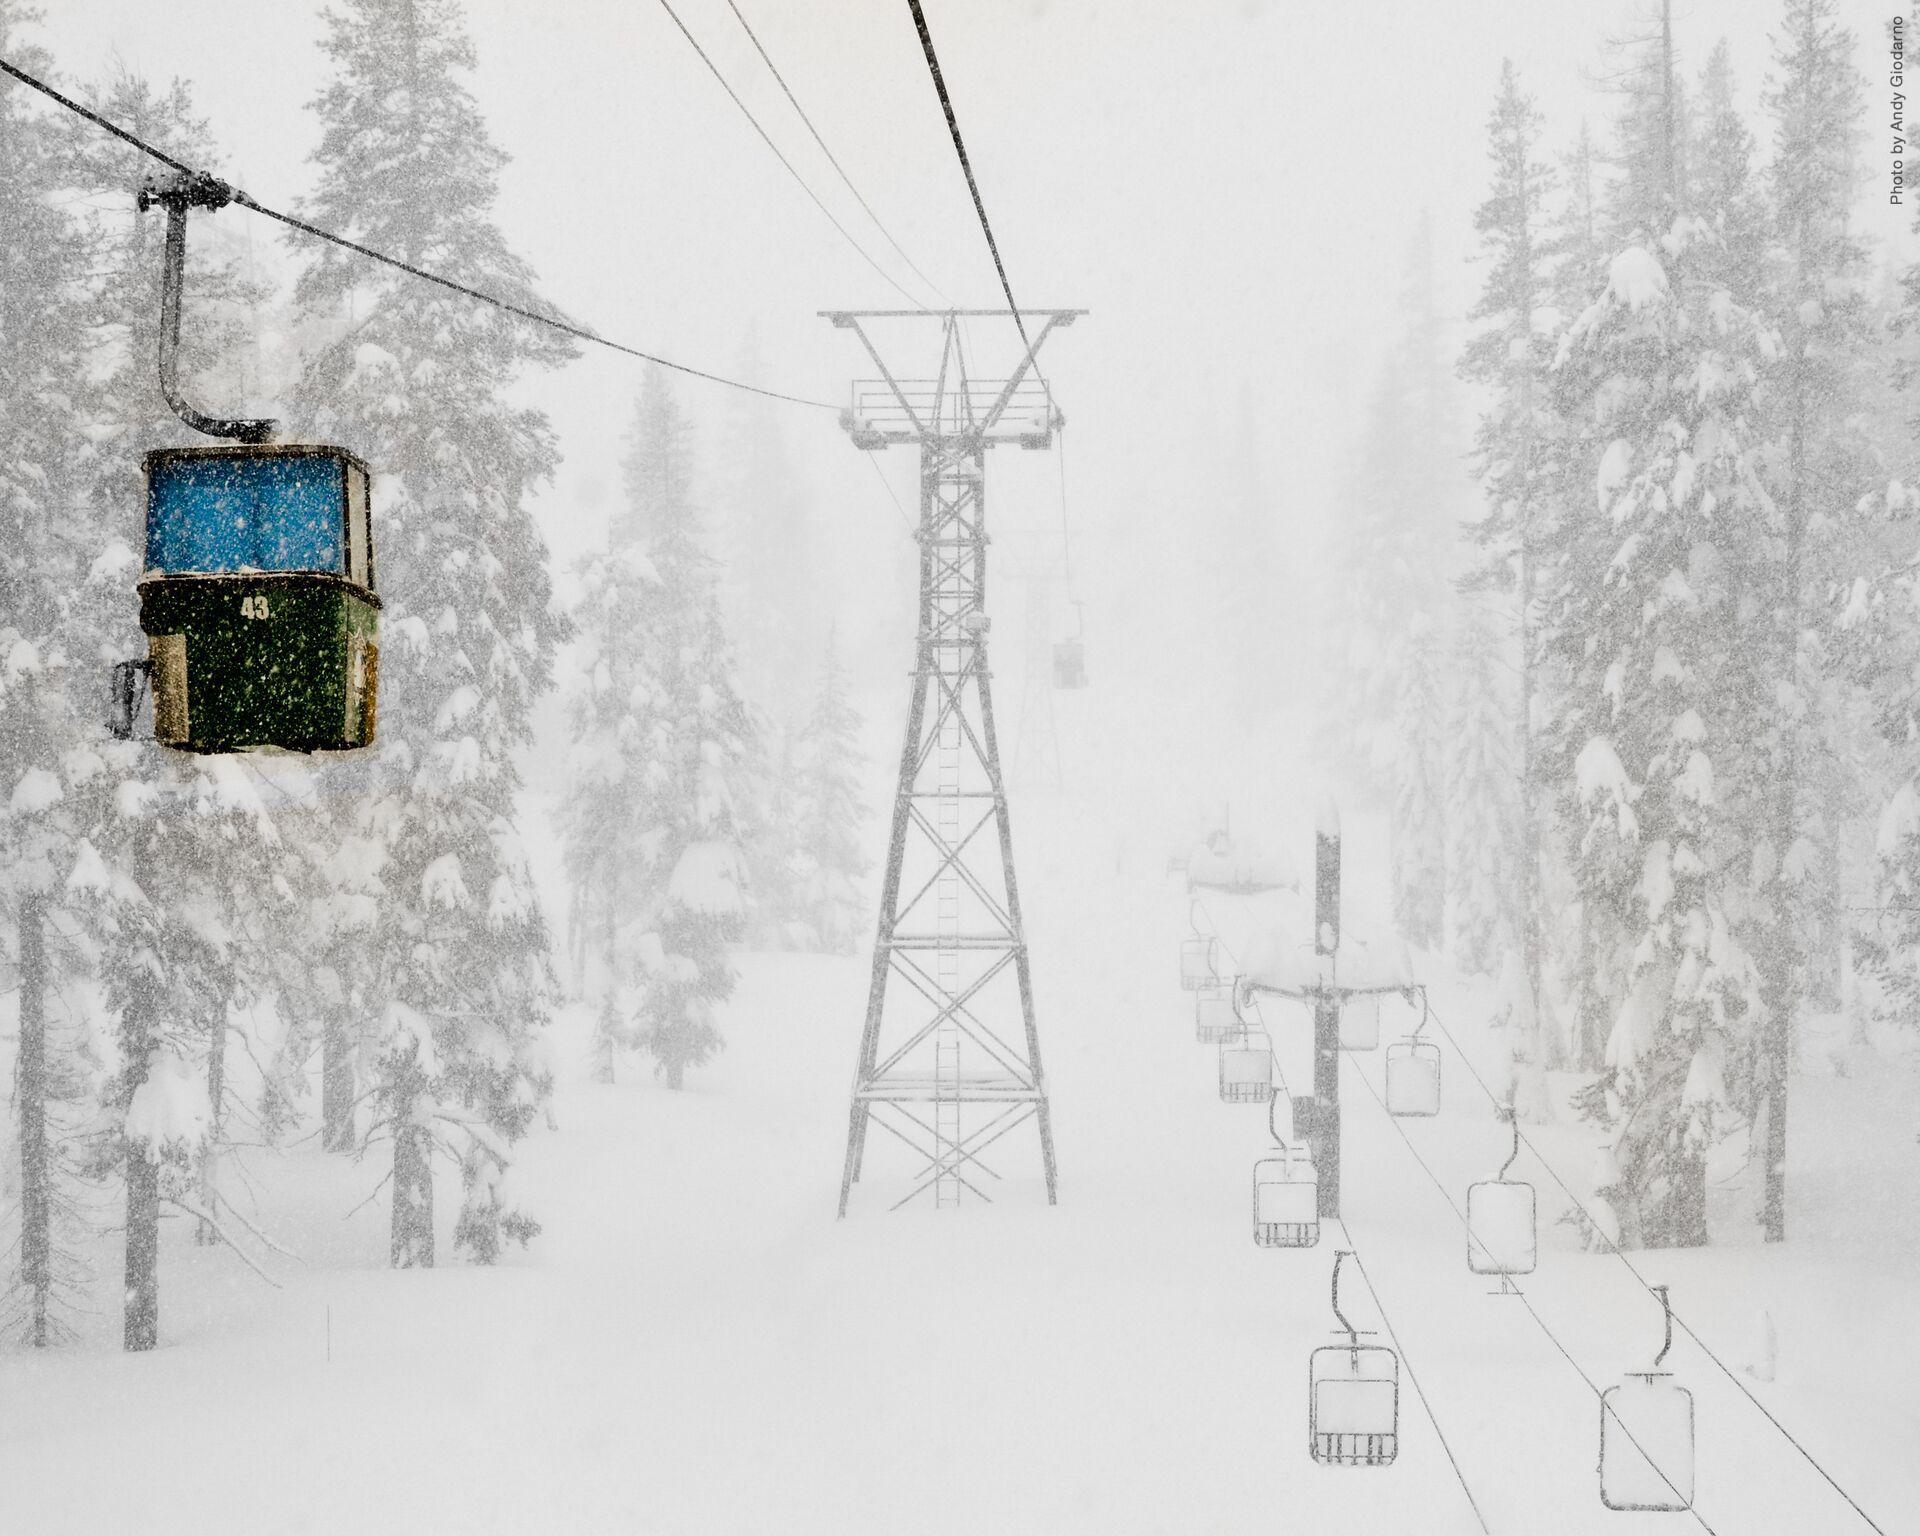 Truckee-Historic-Ski-Culture-Credit-AndyGiodarno.jpg